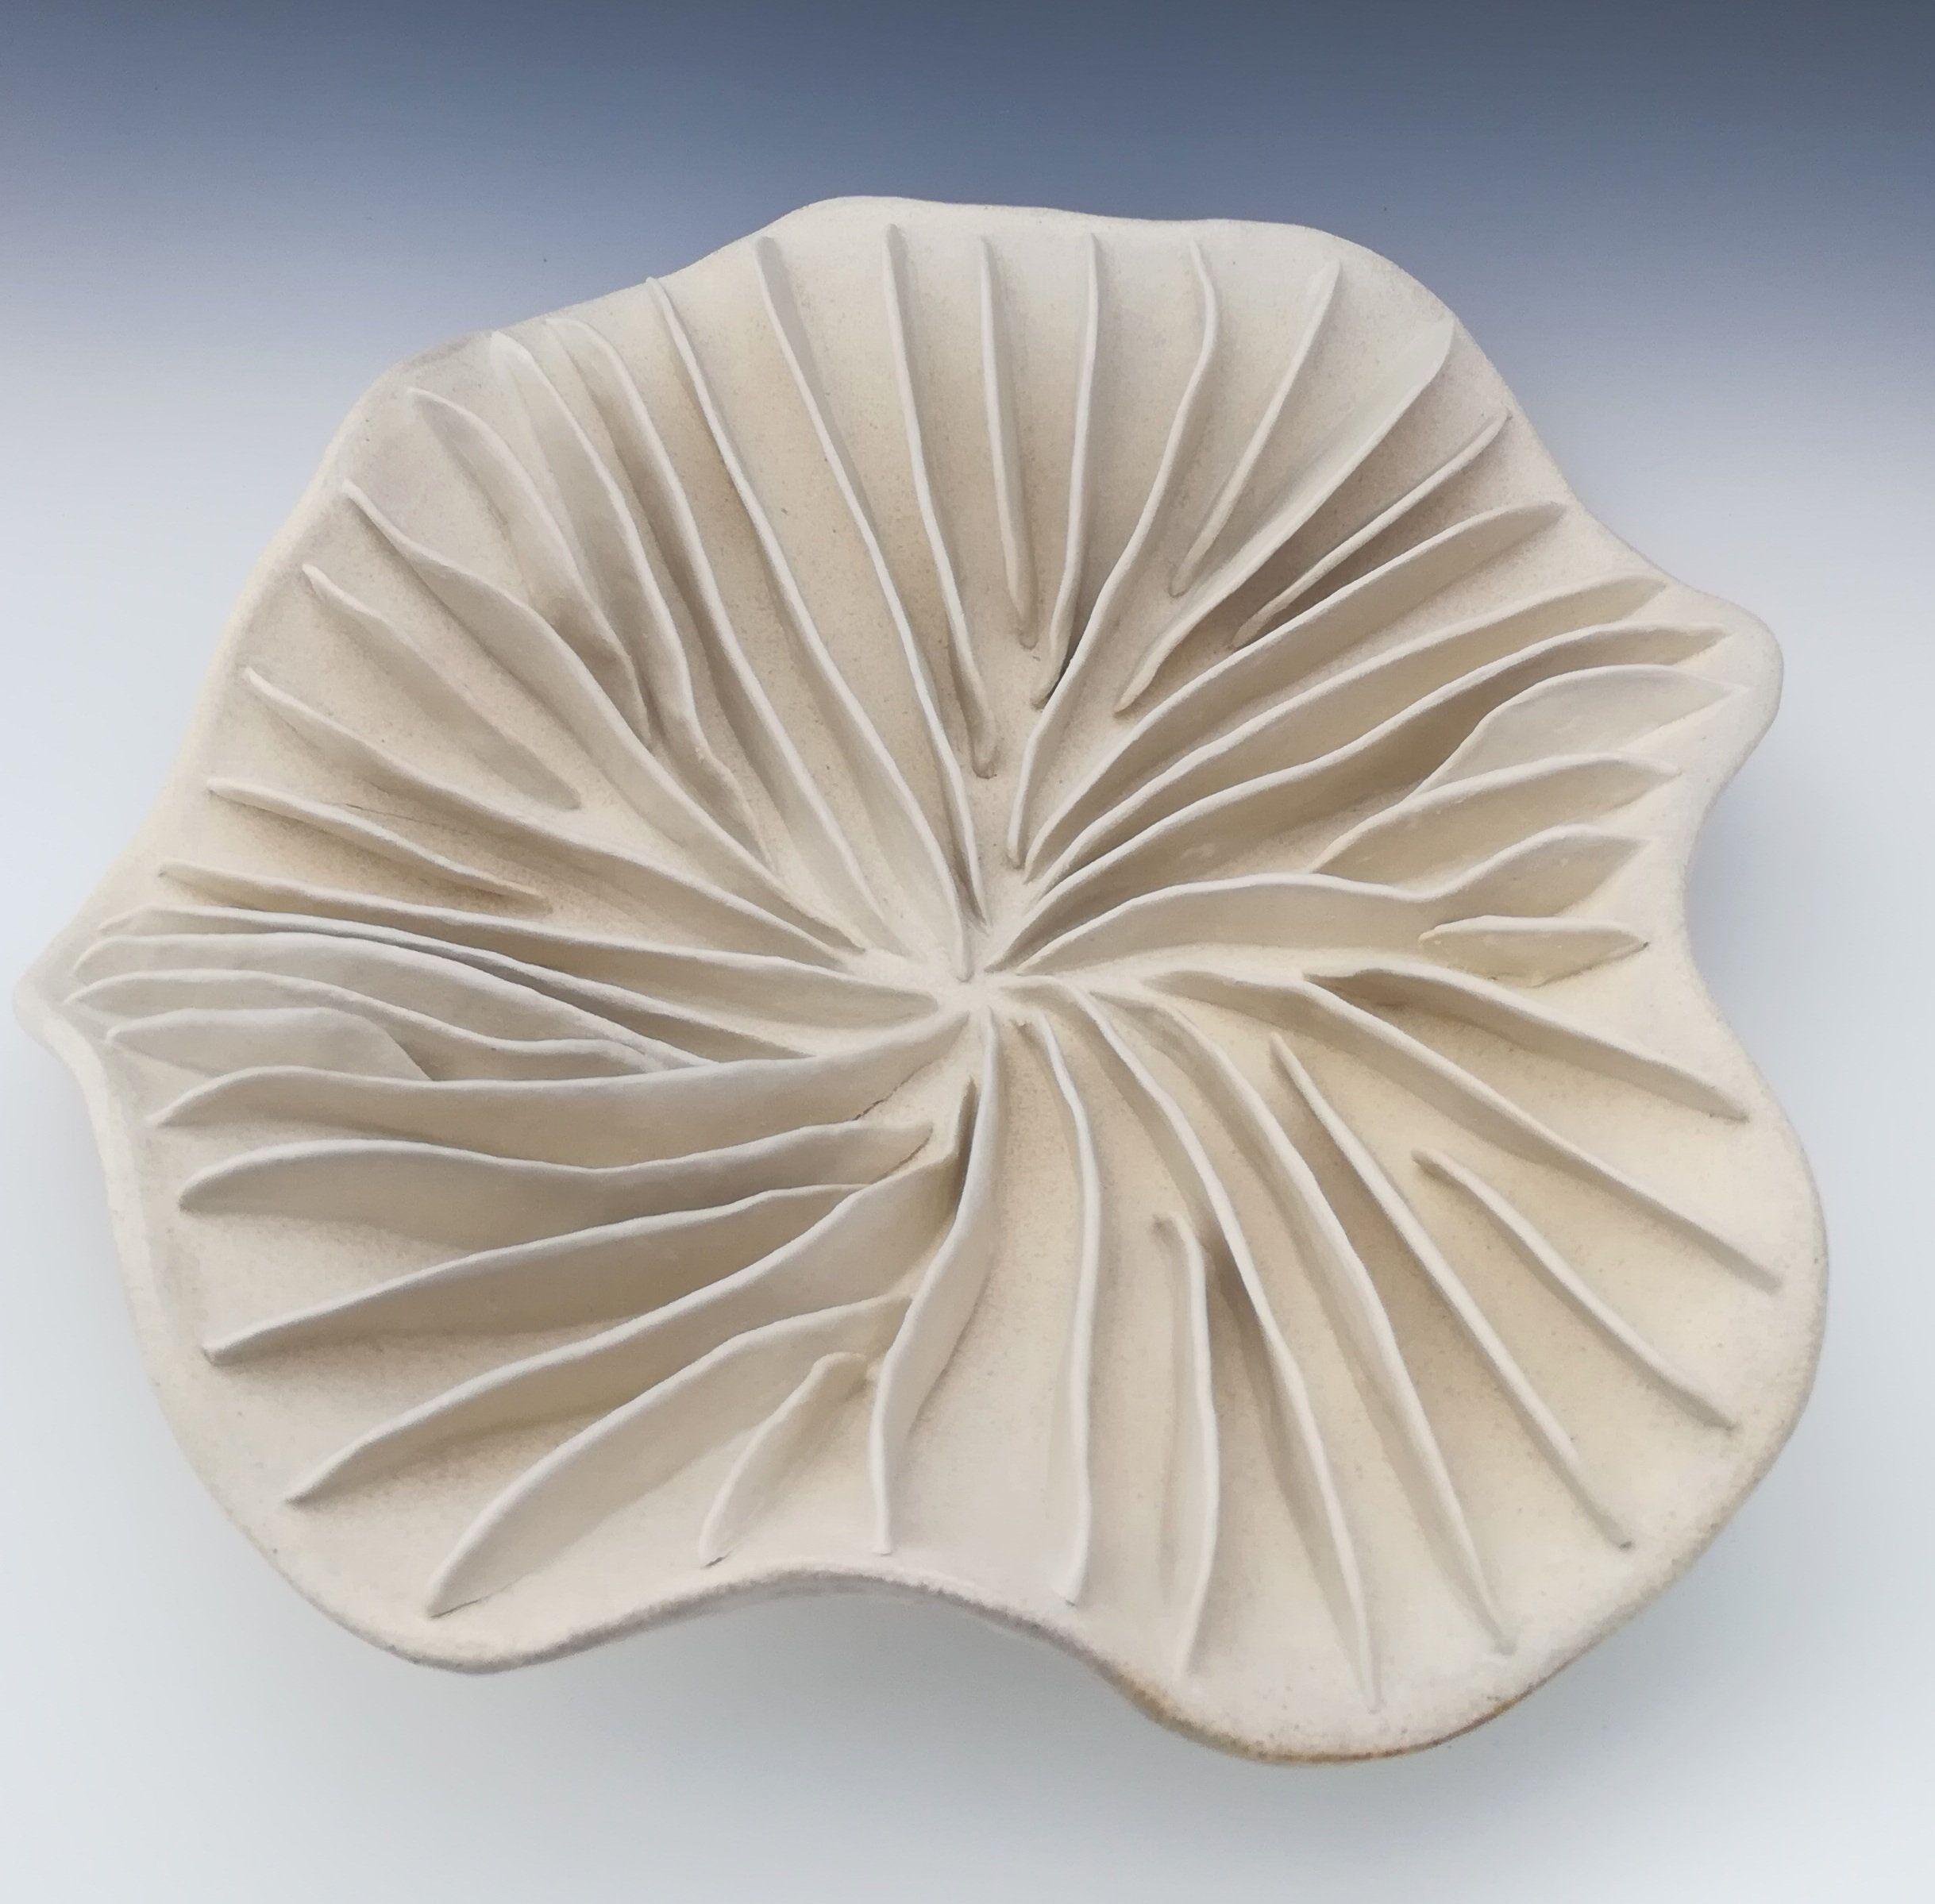 Fungi bowl, Medium white sculpture. Round table ...